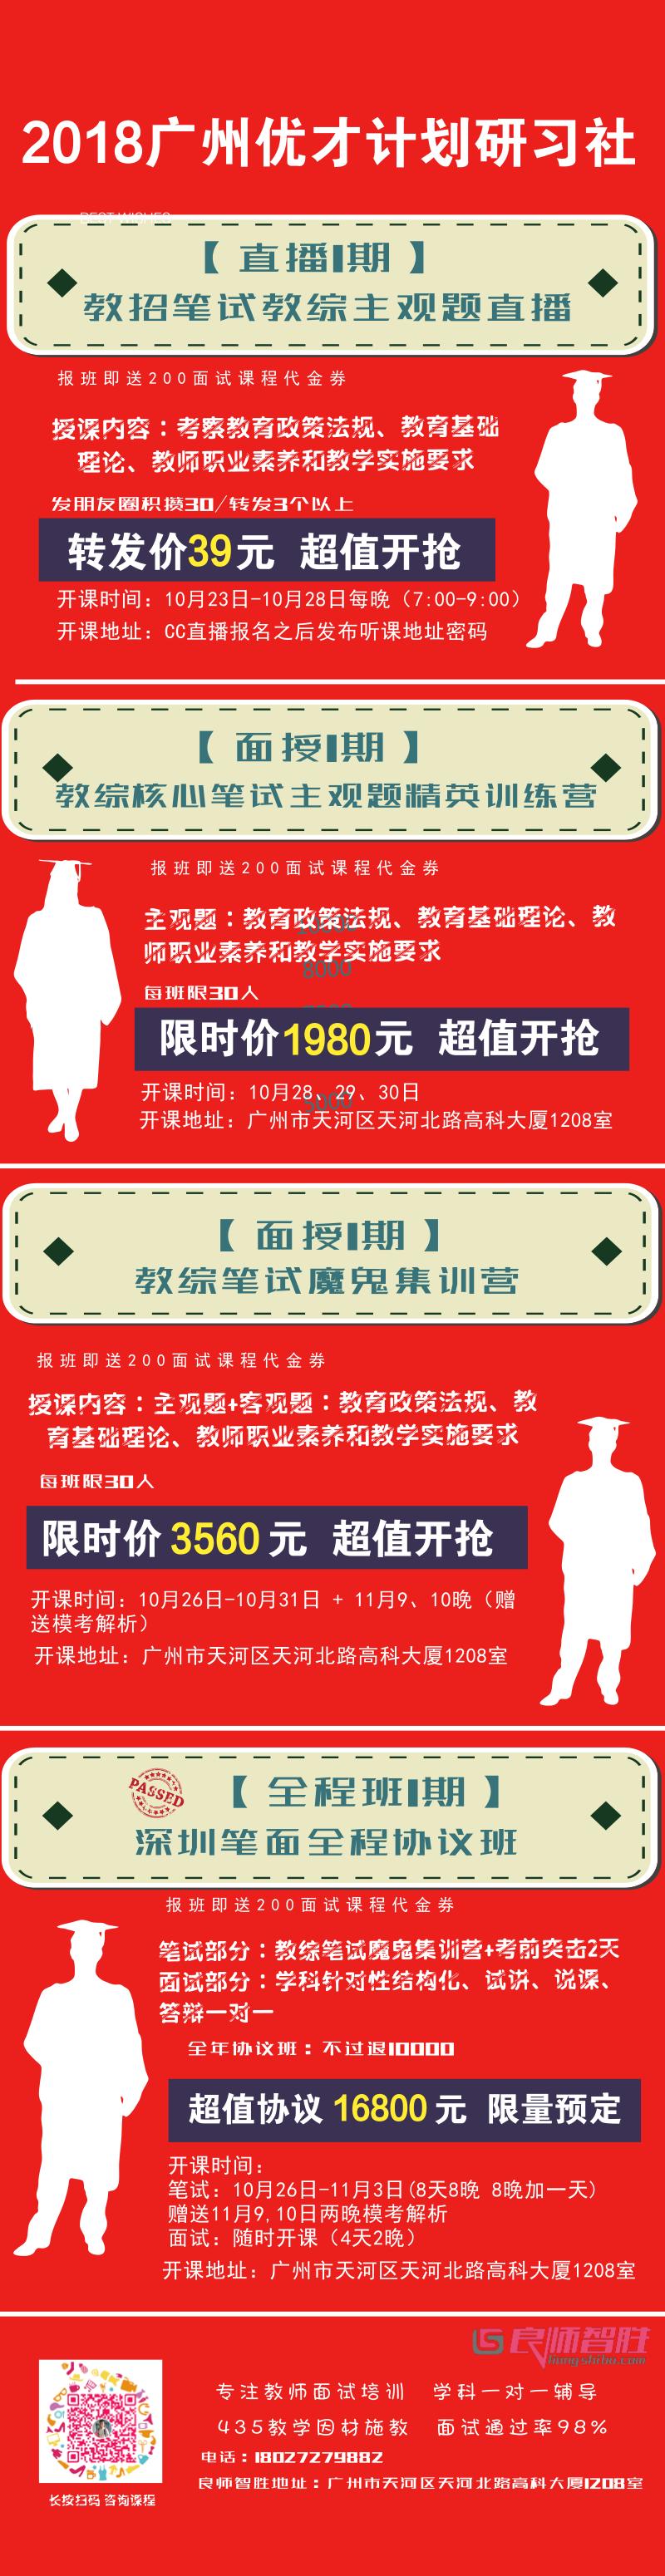 2017广州优才计划招考课程_信息图_2017.10.22.png